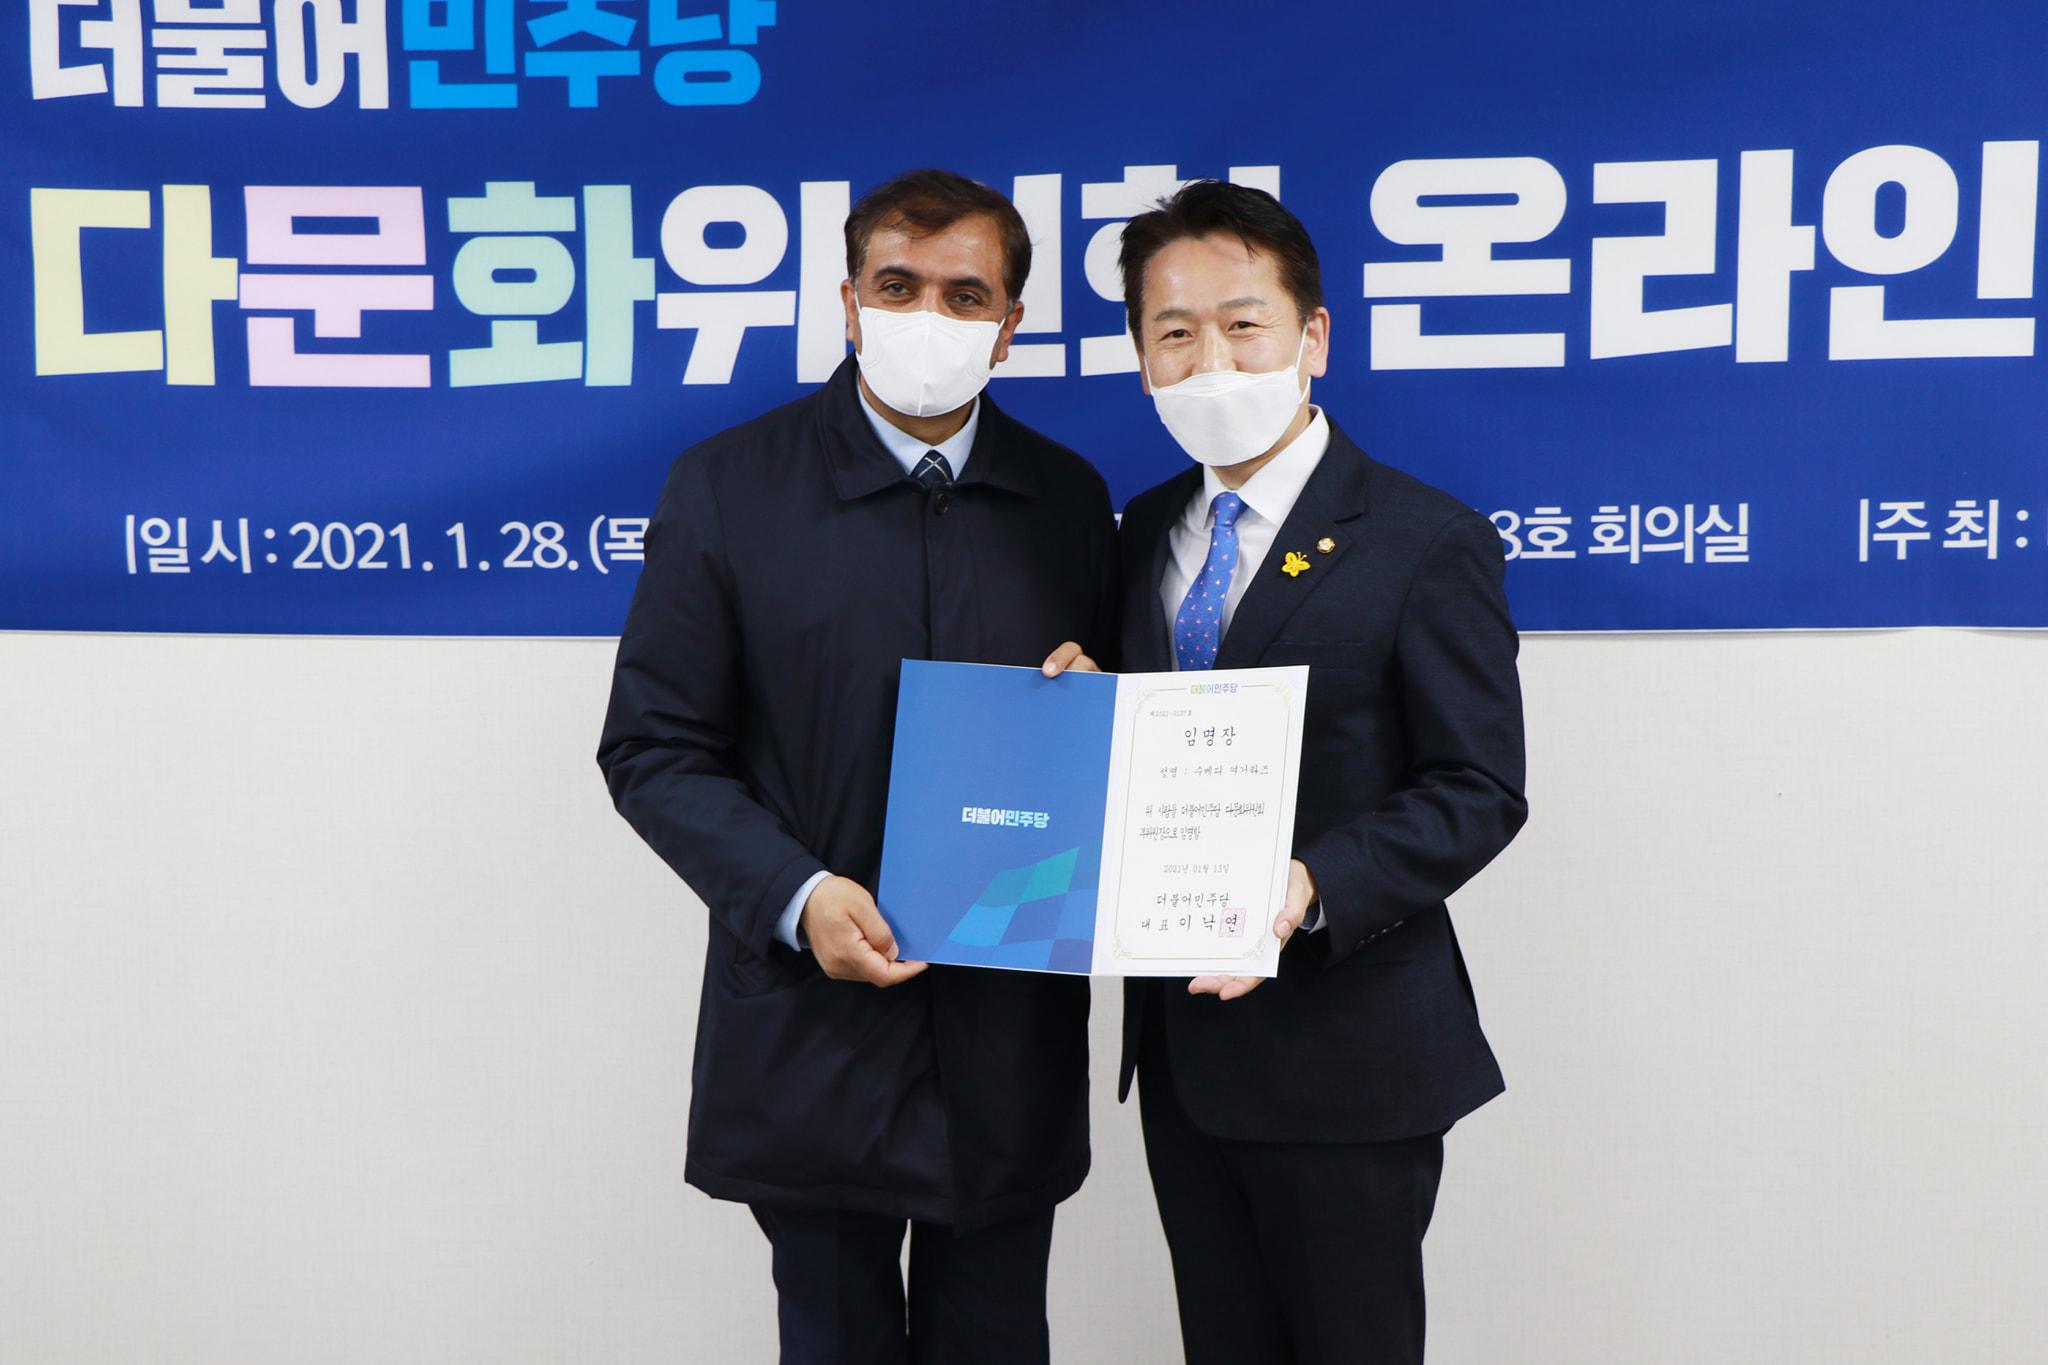 दक्षिण कोरियाको सत्तारुढ पार्टीको उच्च निकायमा पुगे नेपाली